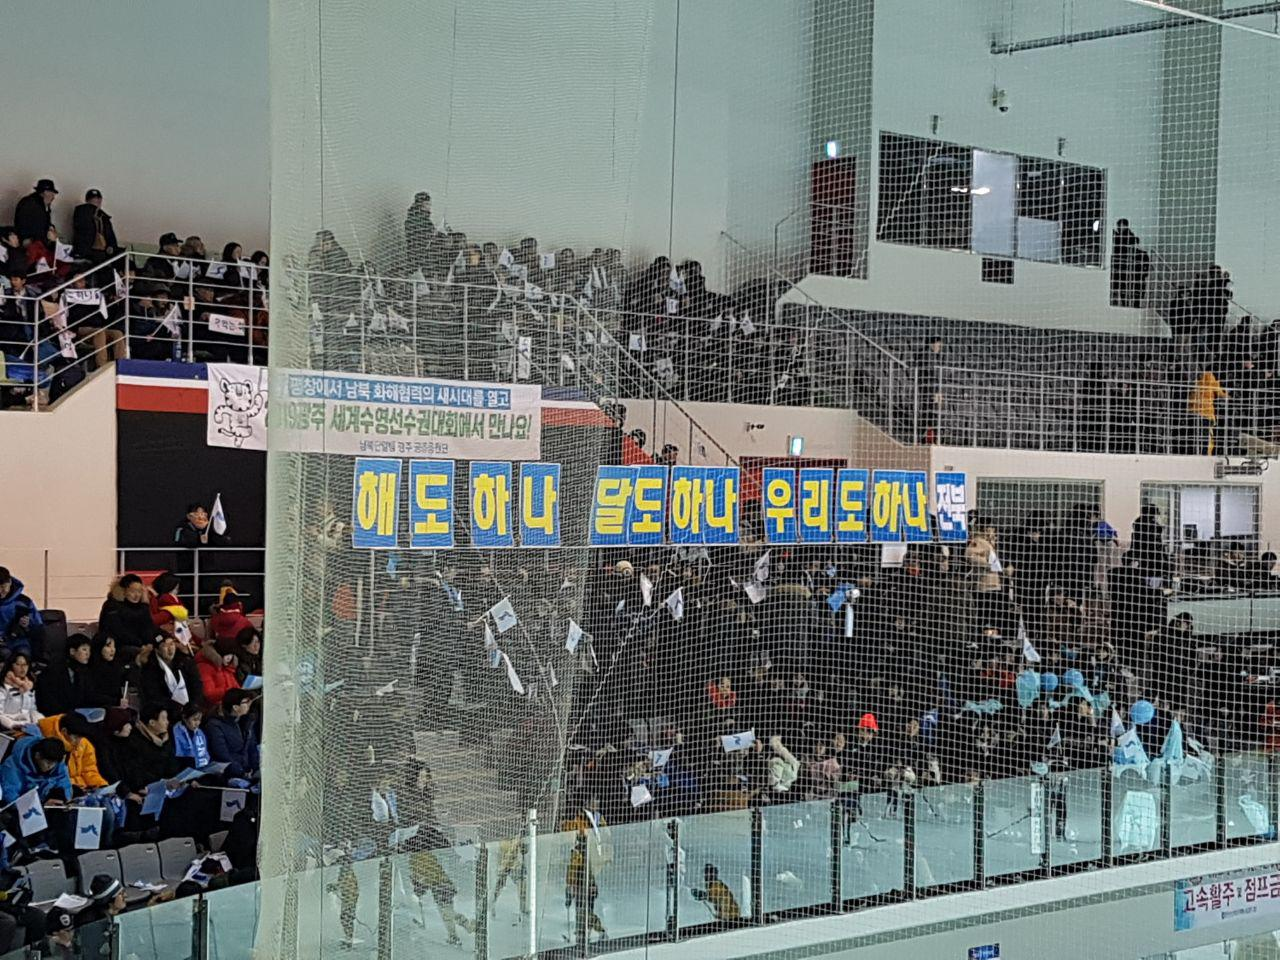 인천 선학 국제빙상경기장 평창겨울올림픽을 앞두고 남북 여자아이스하키 단일팀과 스웨덴의 평가전이 열린 선학 국제빙상경기장의 모습.